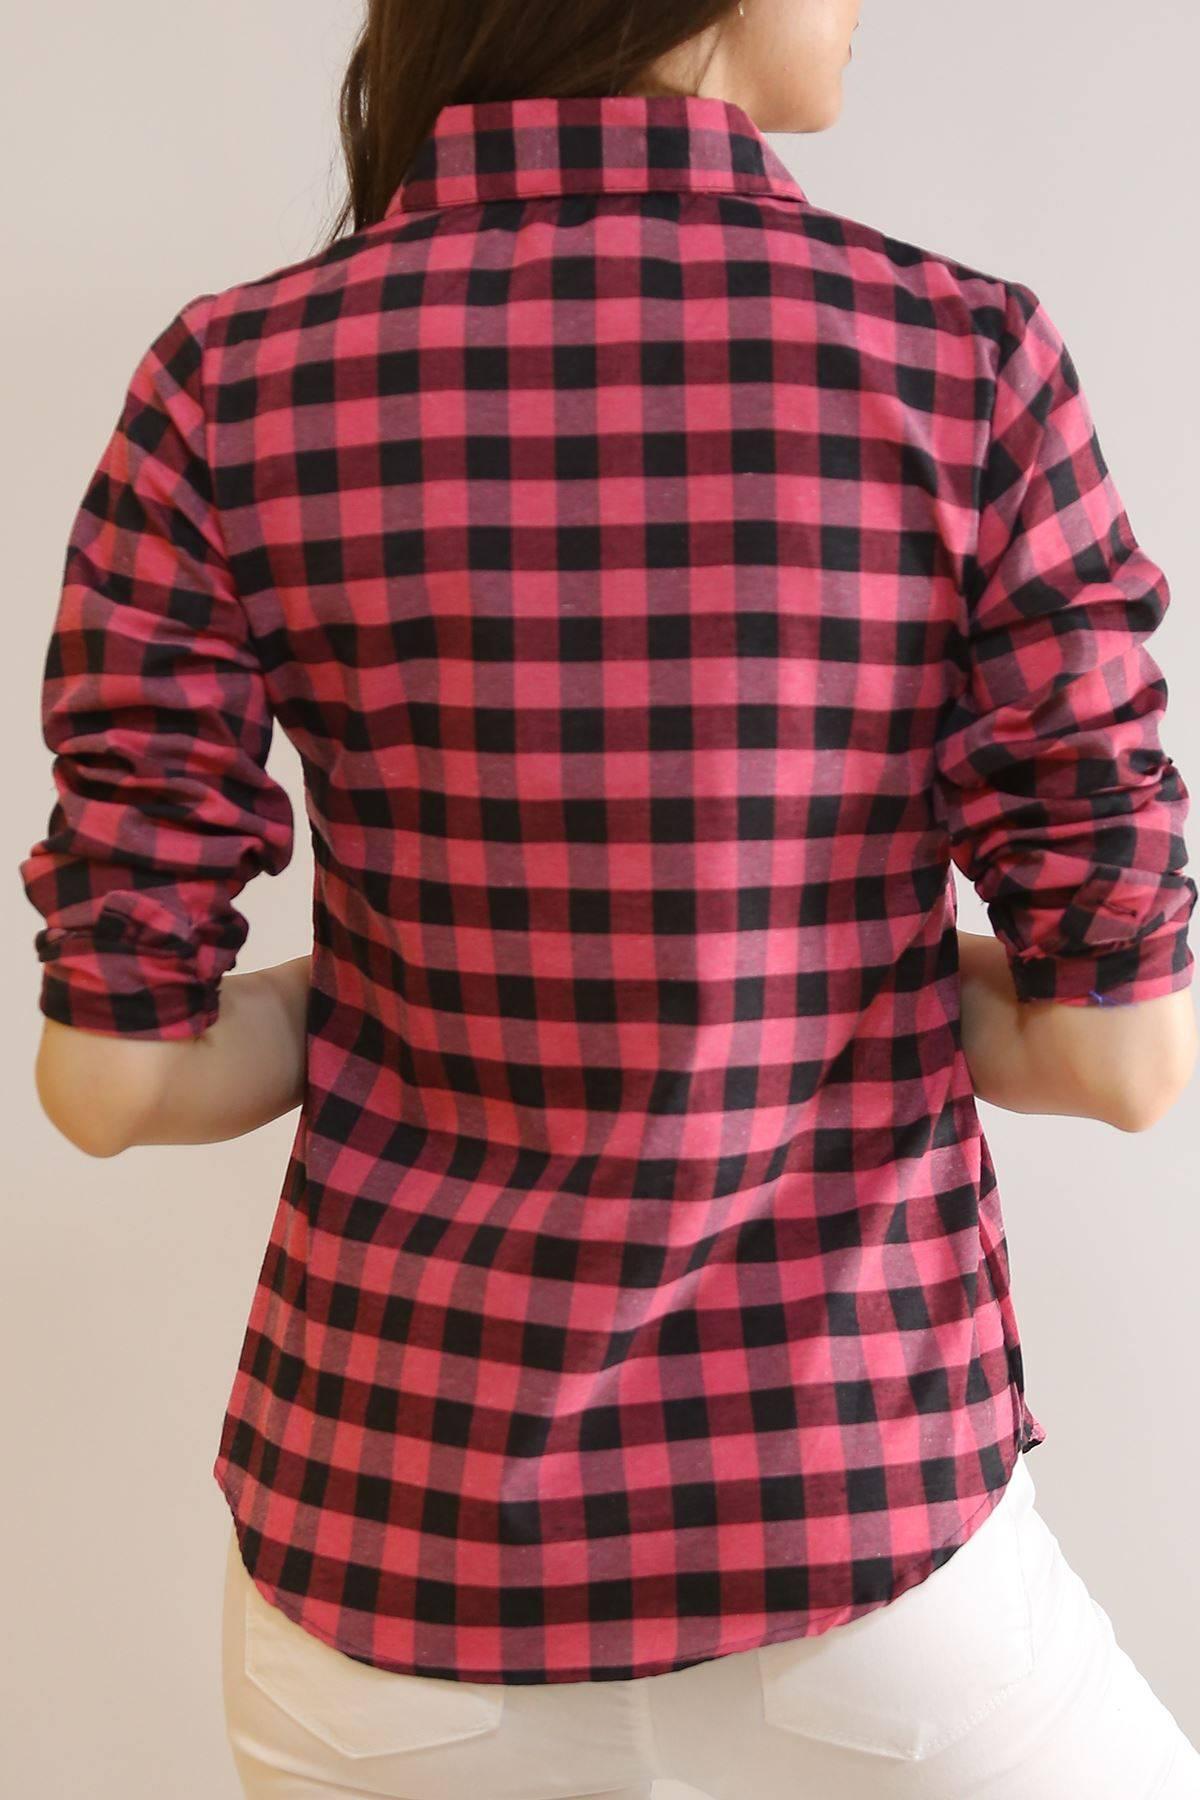 Kolu Katlamalı Gömlek Siyahpembe - 5907.1376.